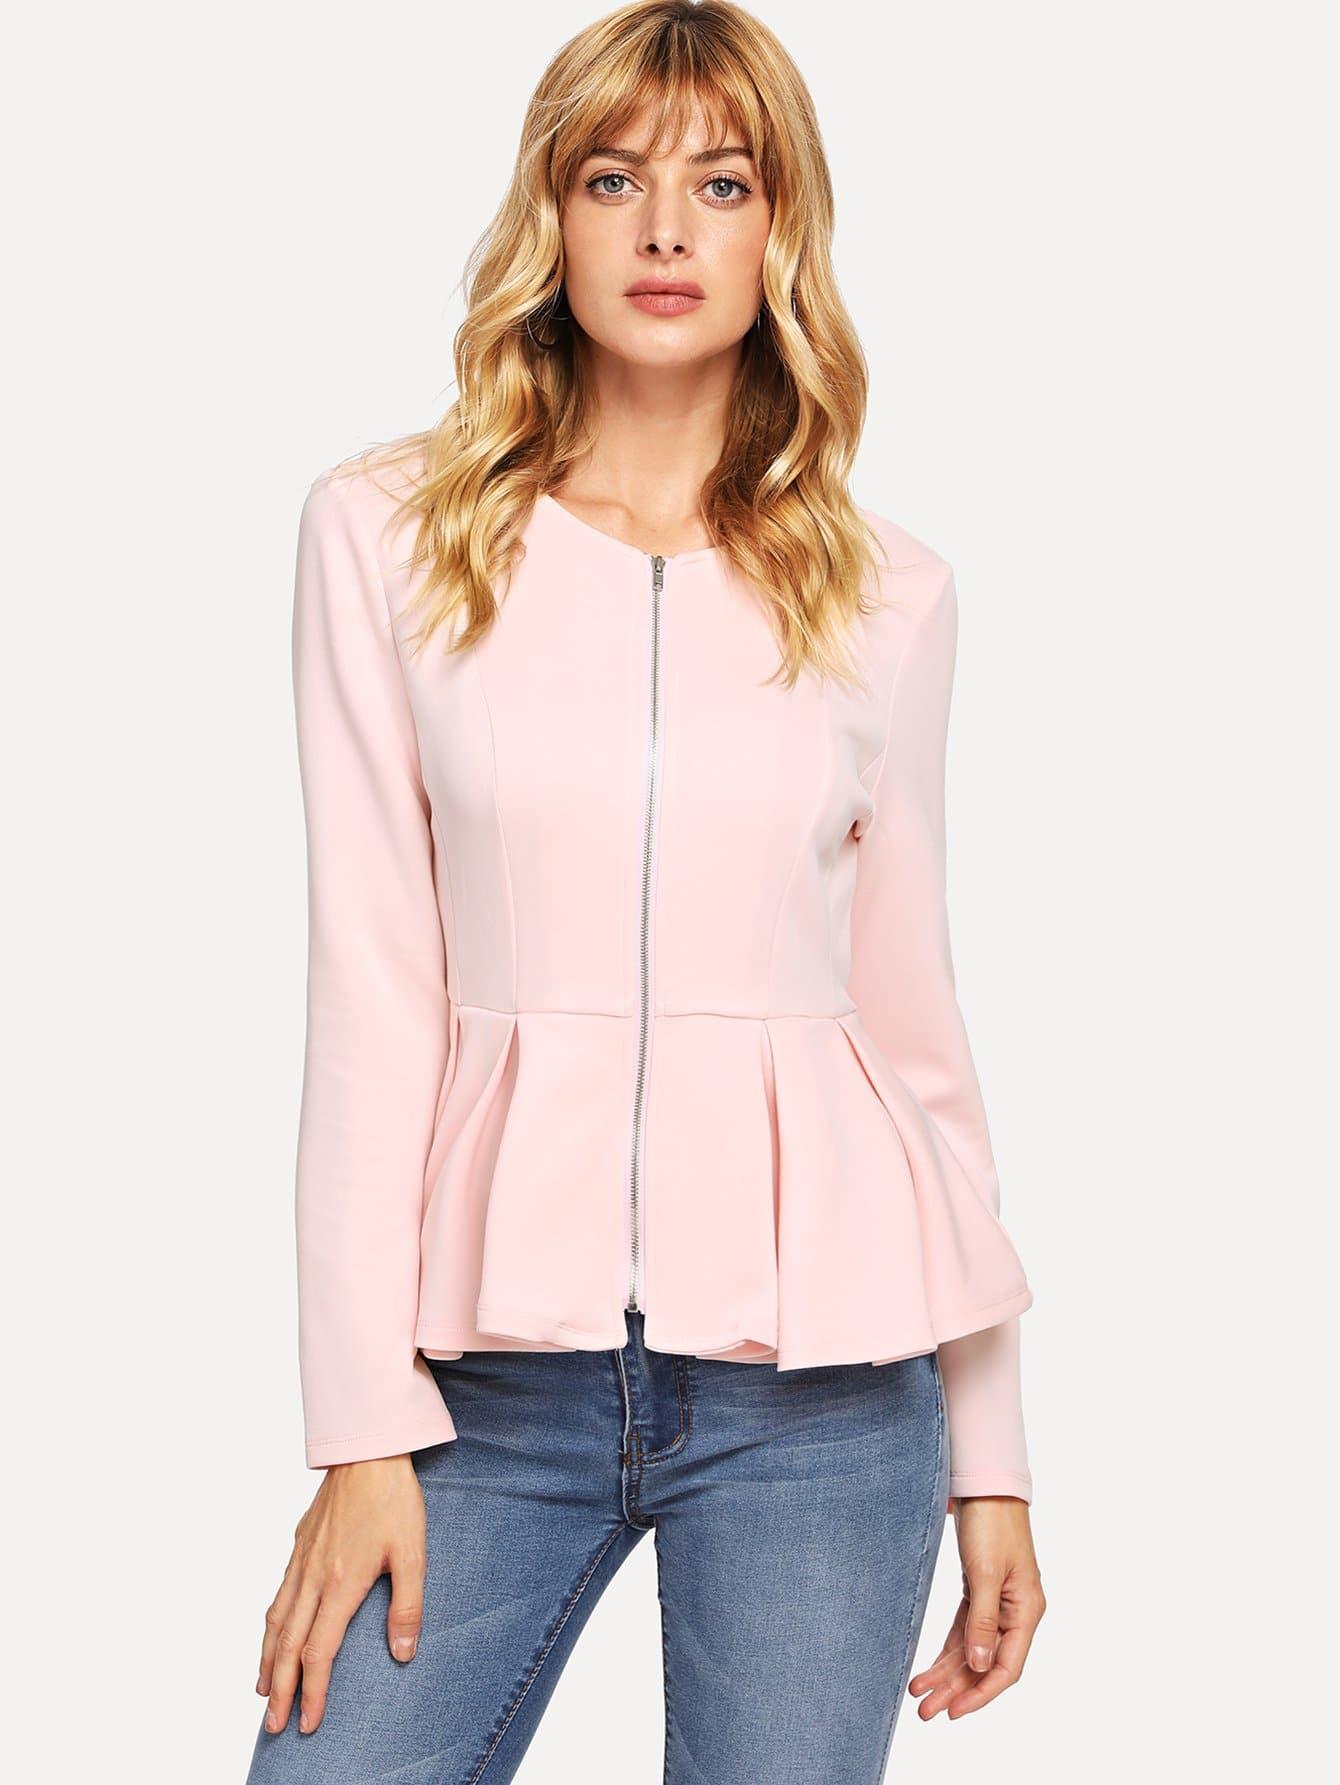 Zip Up Box Плиссированная куртка Peplum, Masha, SheIn  - купить со скидкой